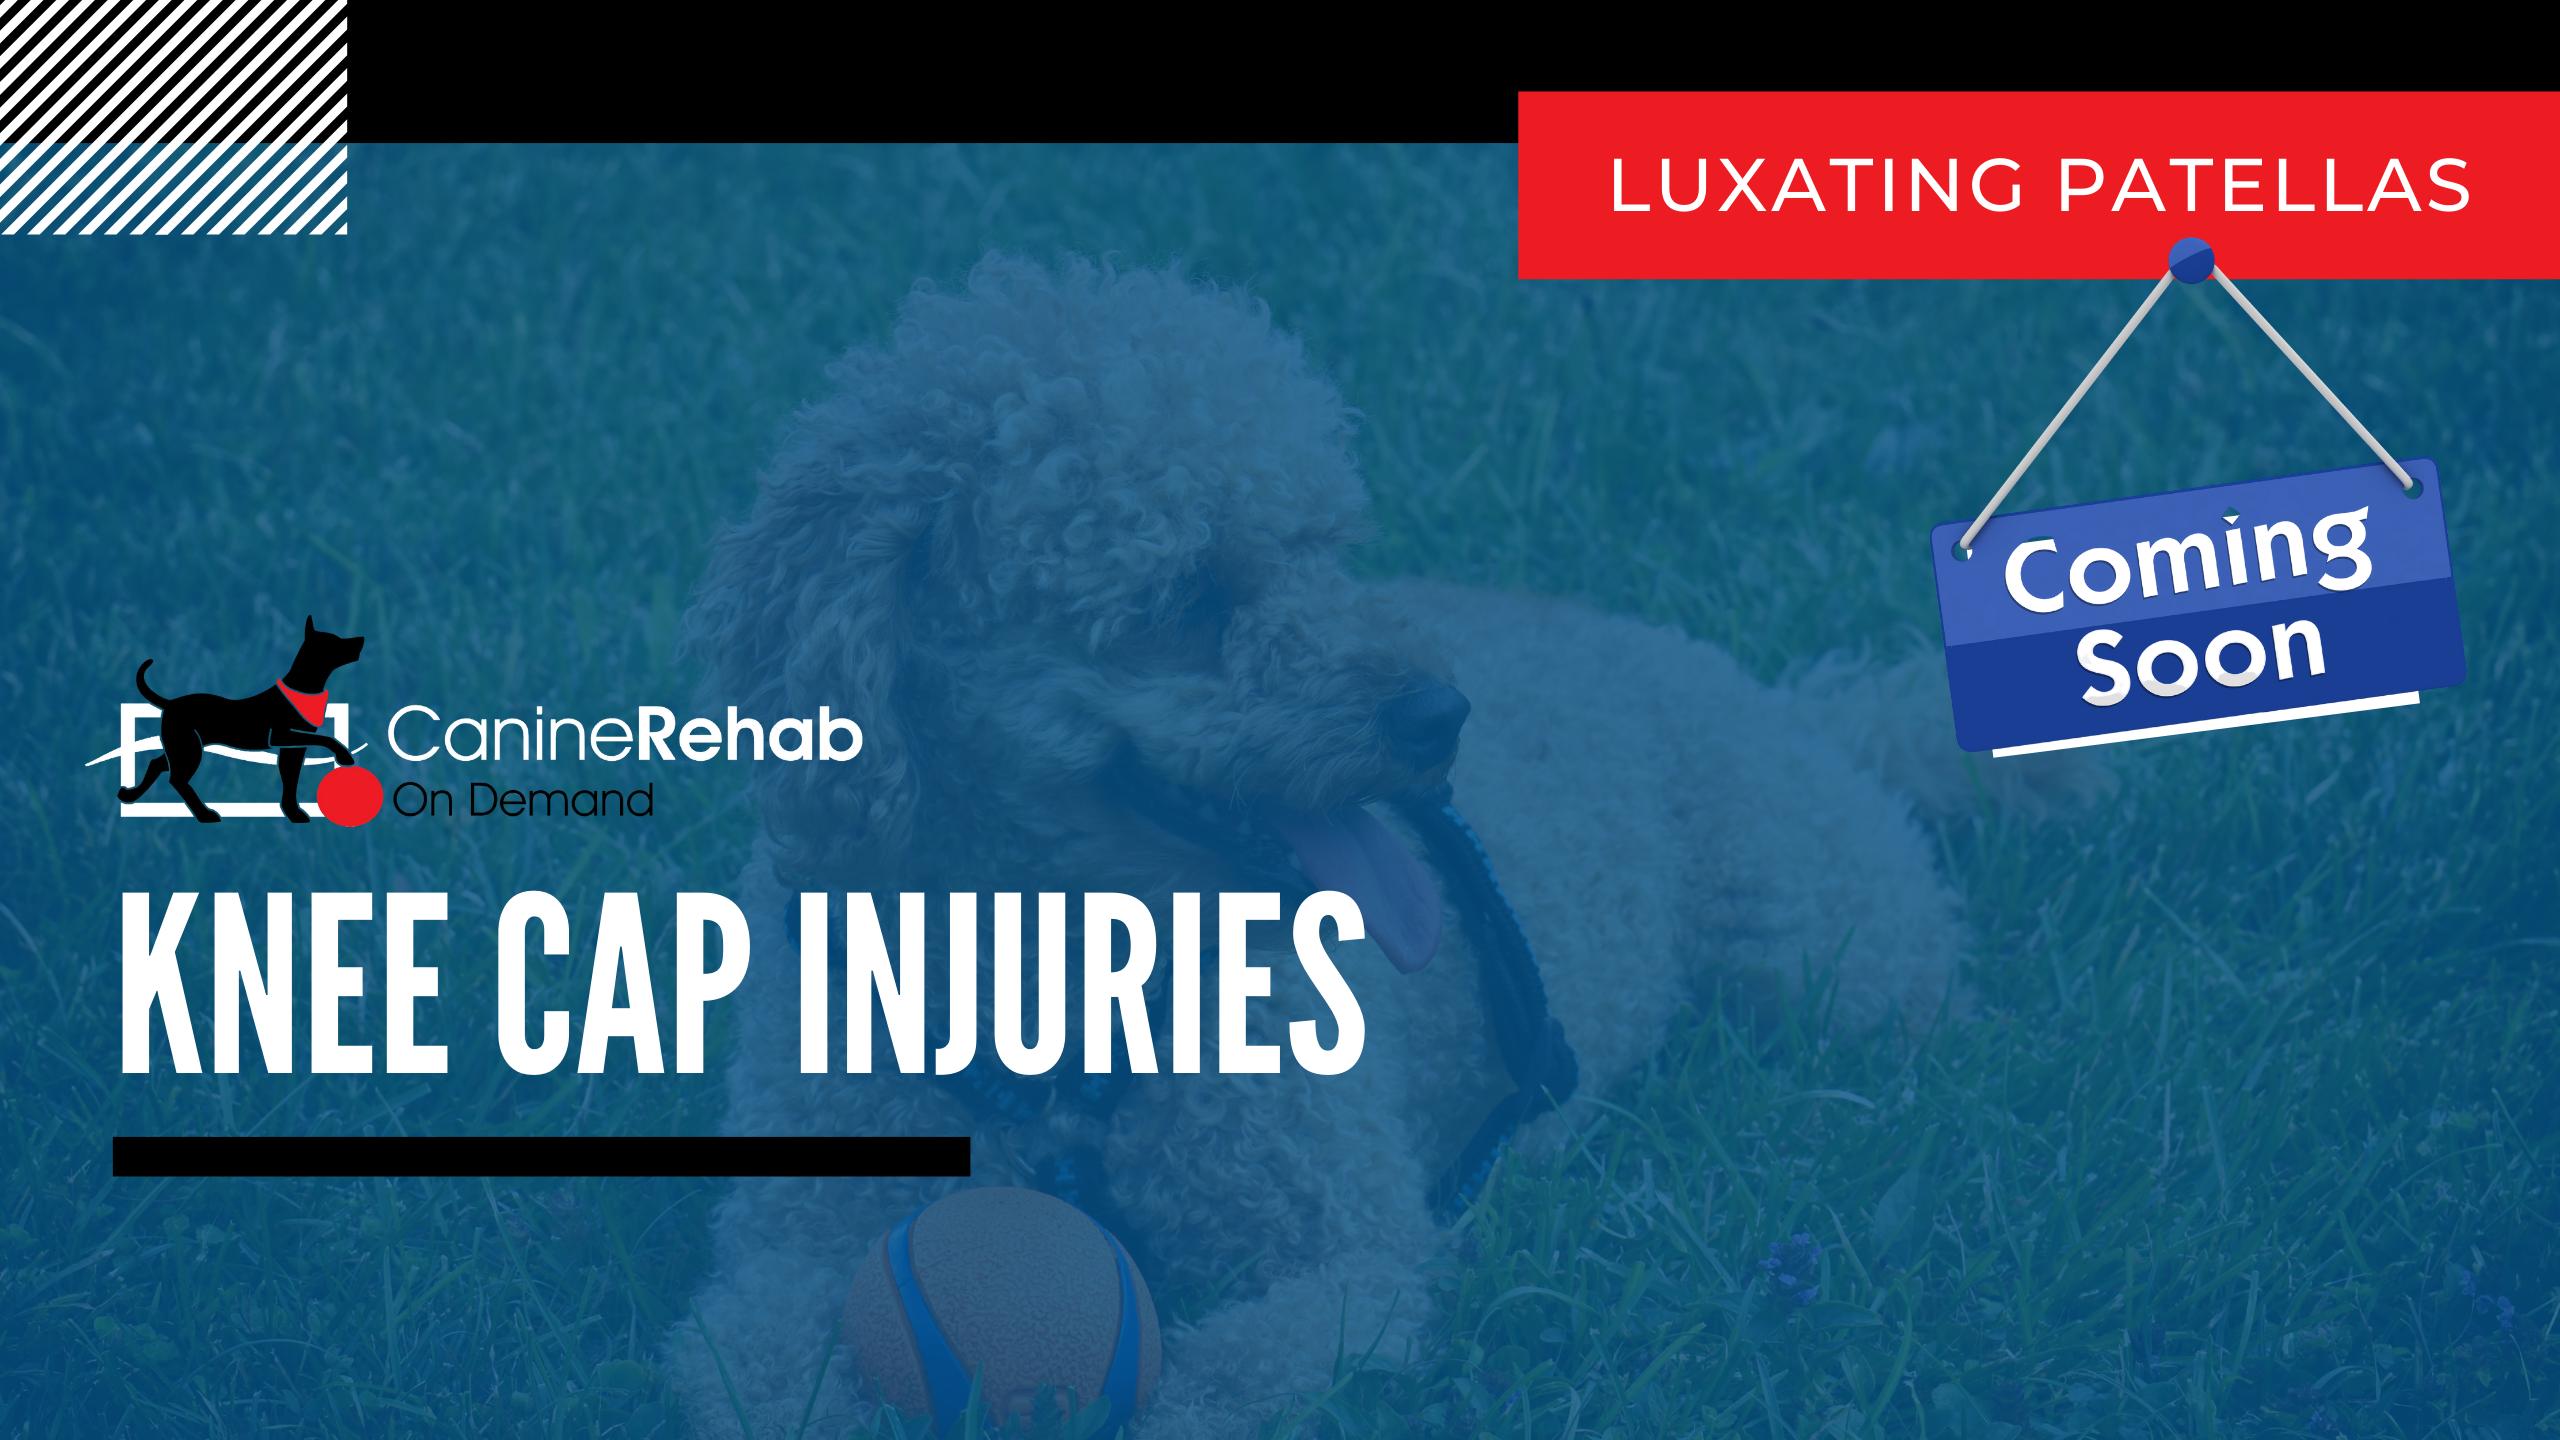 Knee Cap Injuries Coming Soon